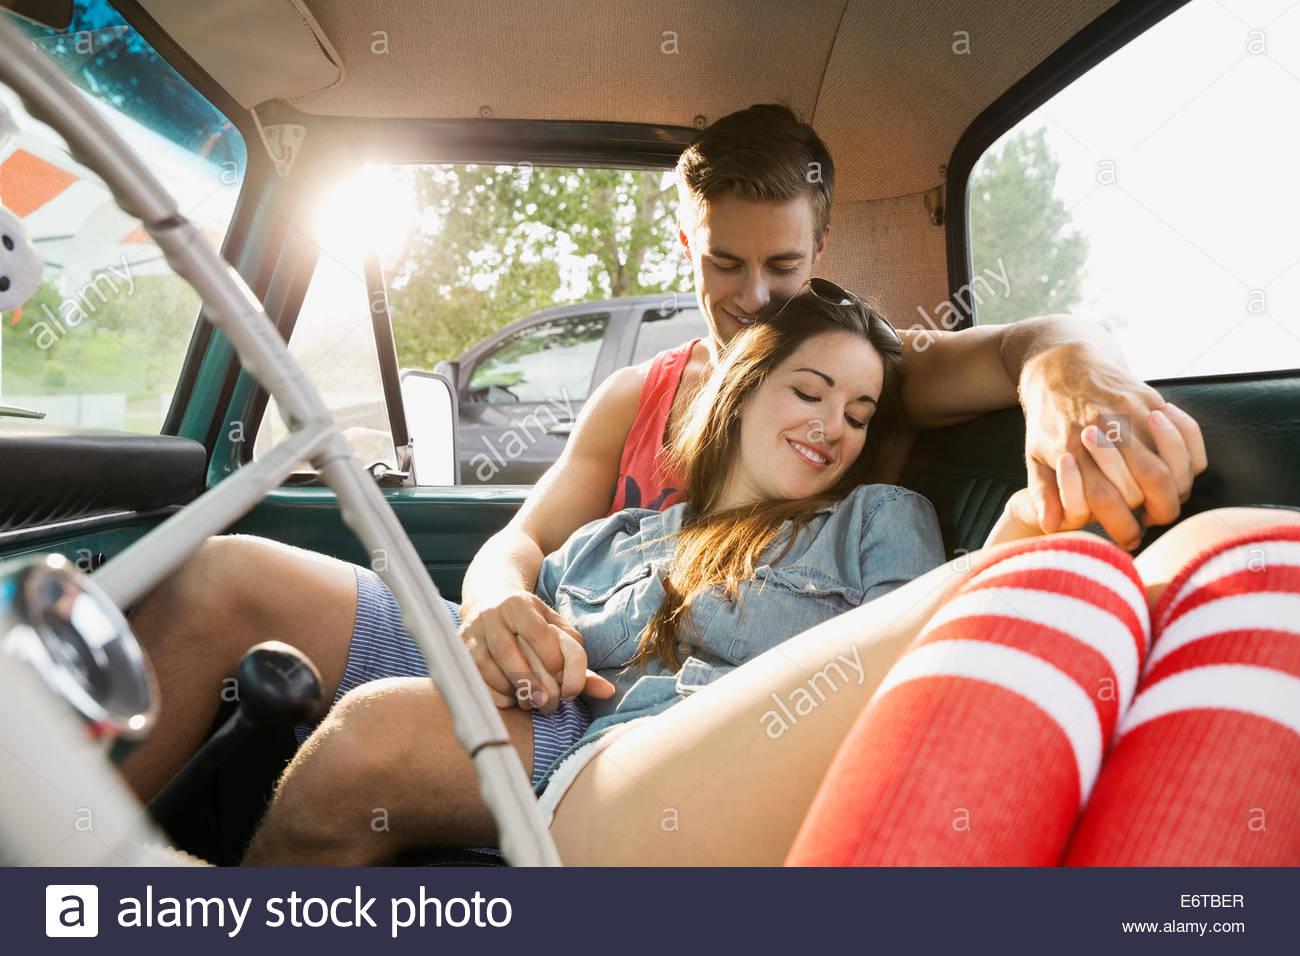 Par relajarse juntos en la carretilla Imagen De Stock